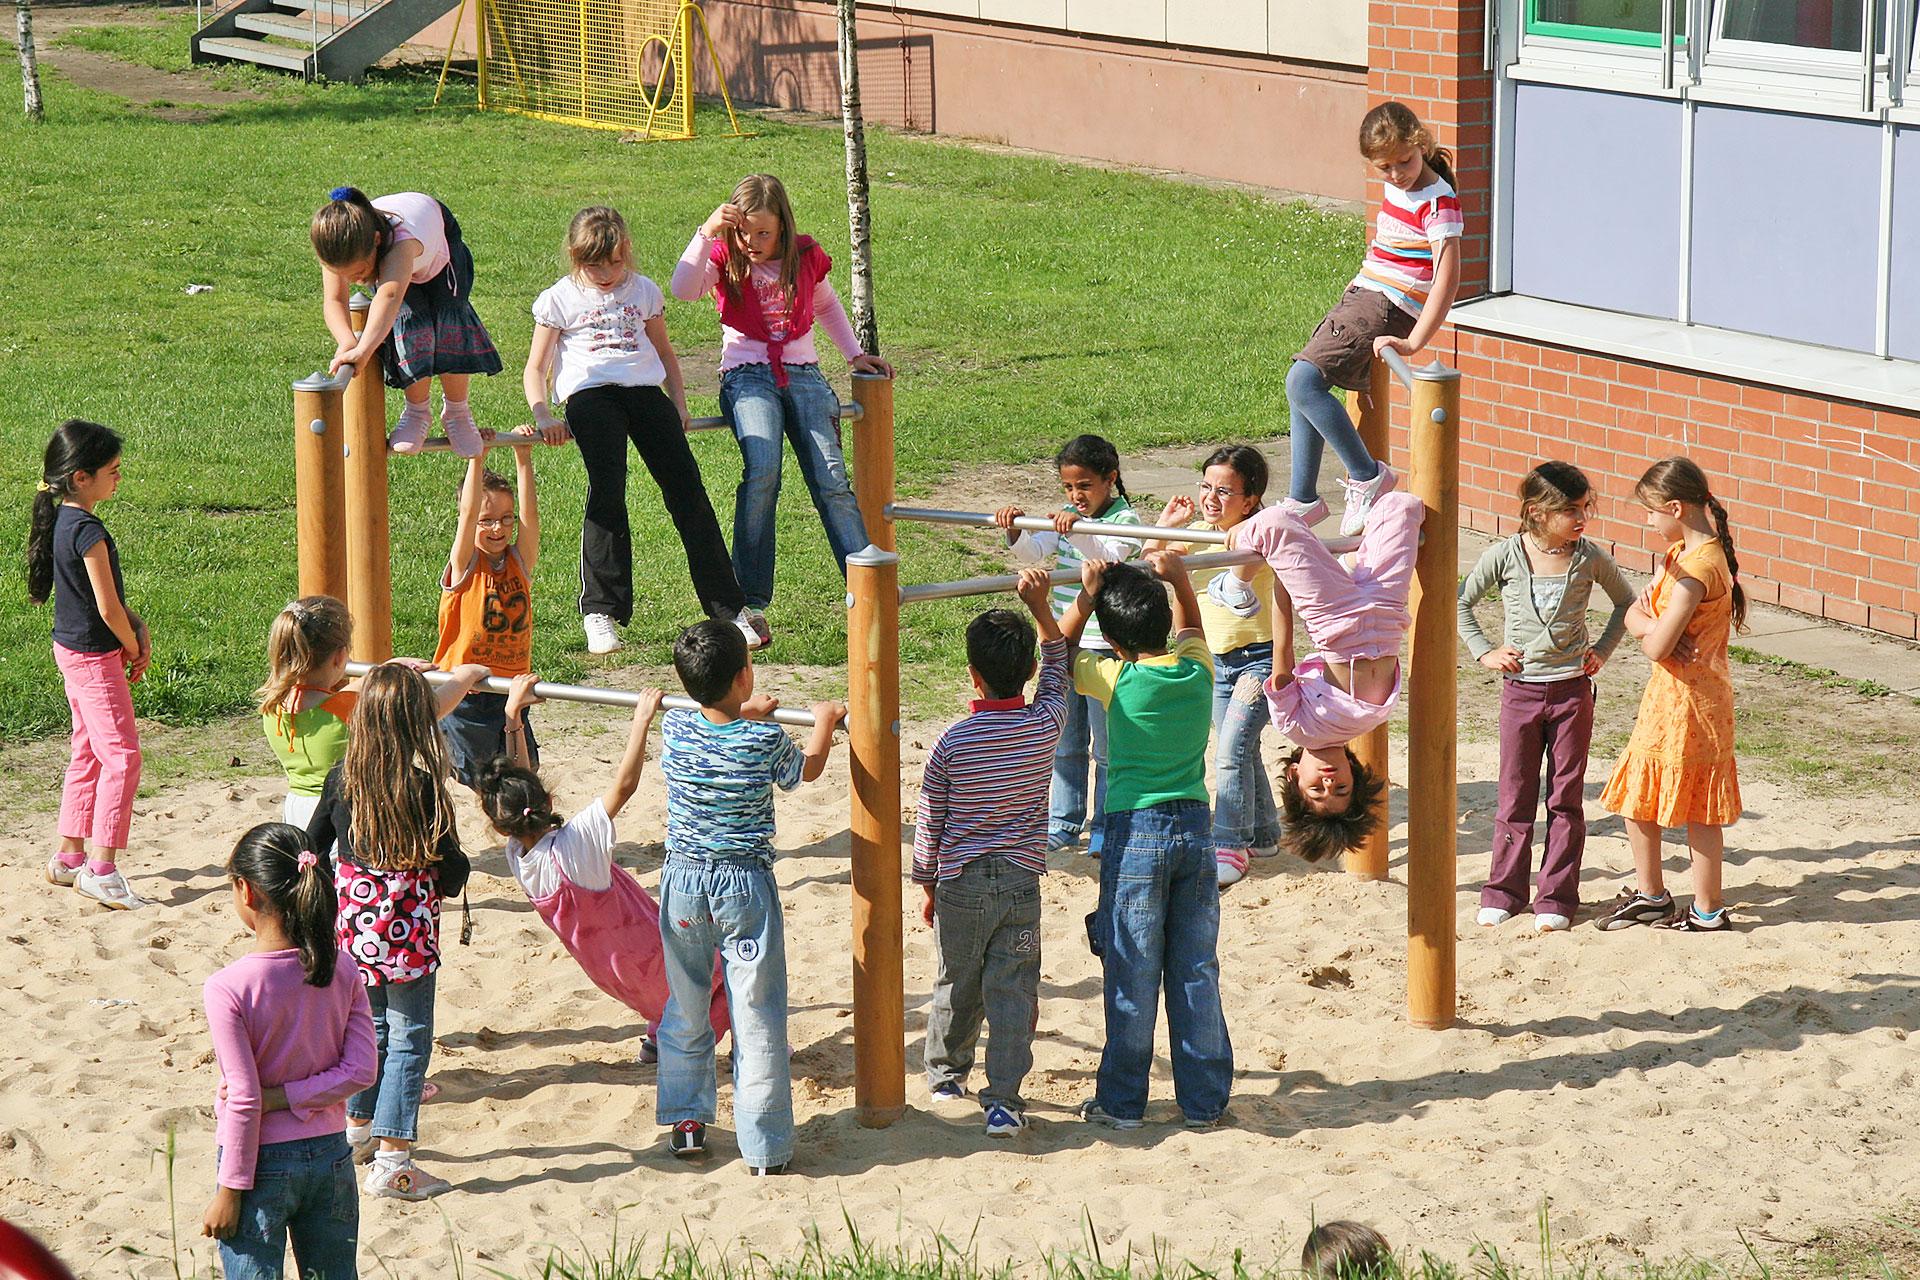 Schüler/innen turnen auf den Reckstangen auf dem Schulareal